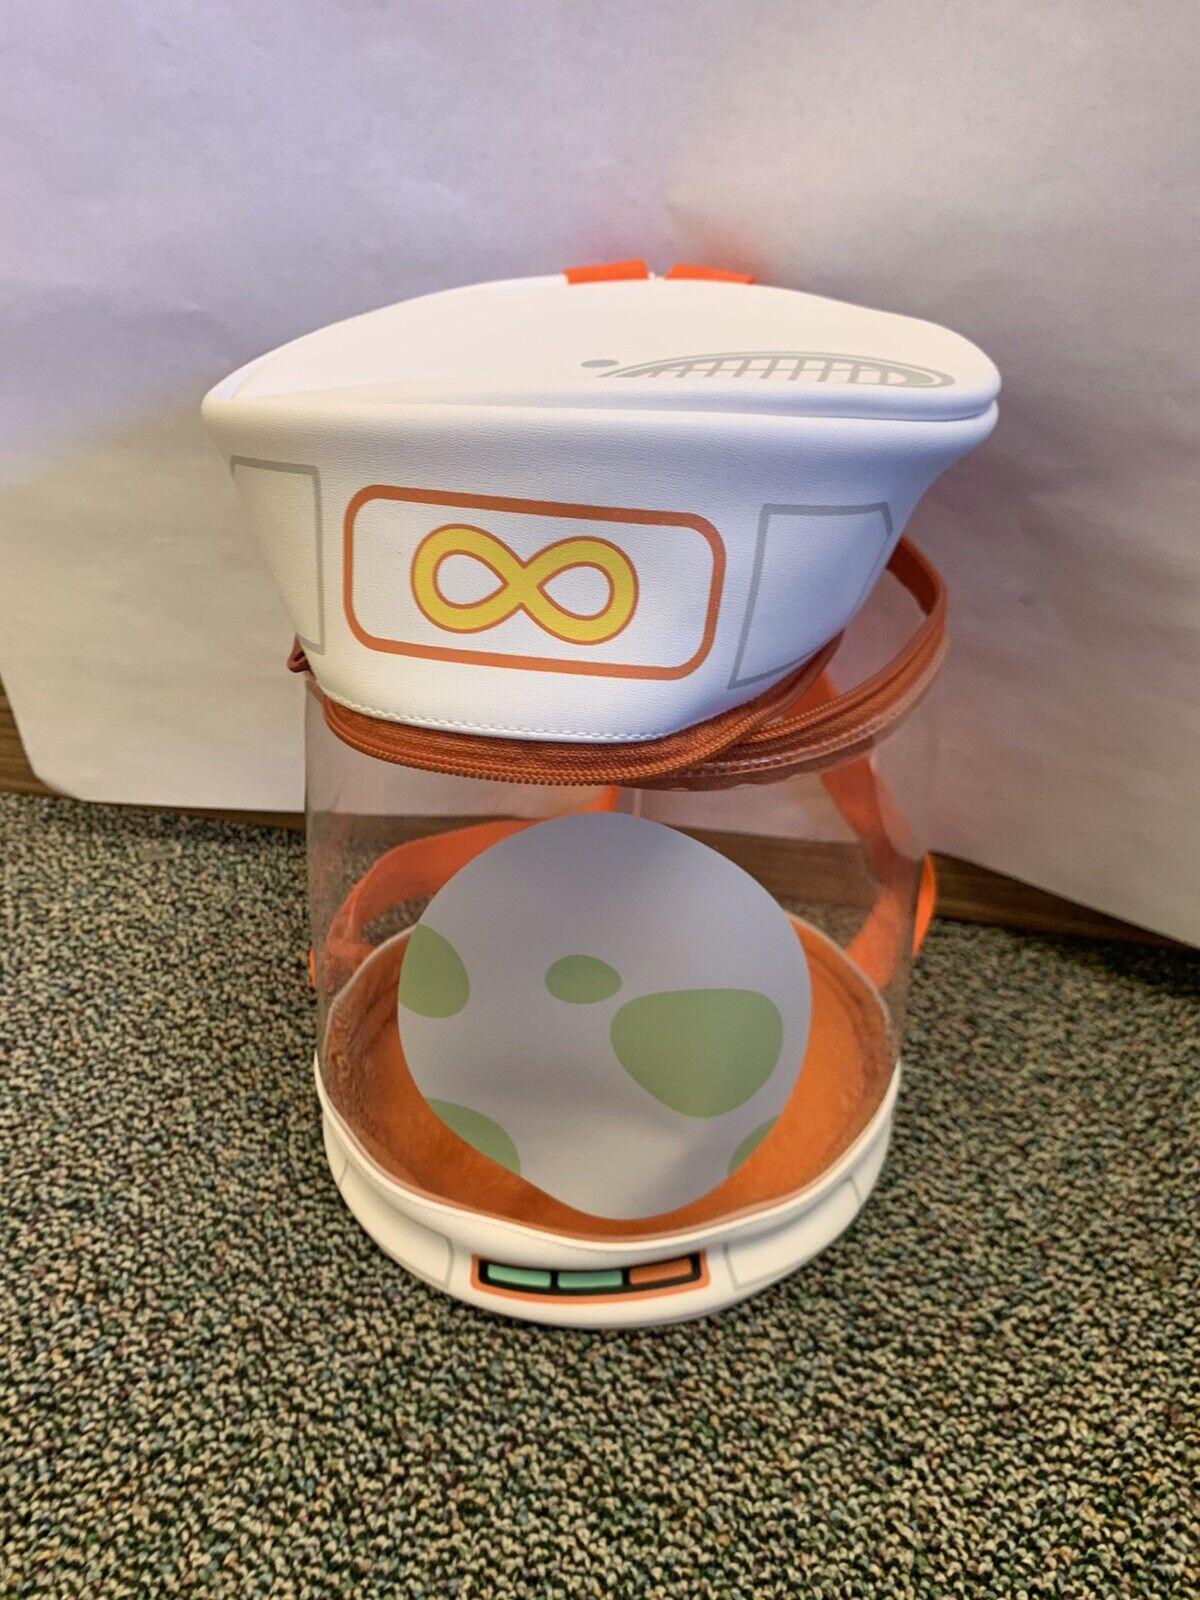 Brand New Egg Incubator Pokemon Go Backpack Bag